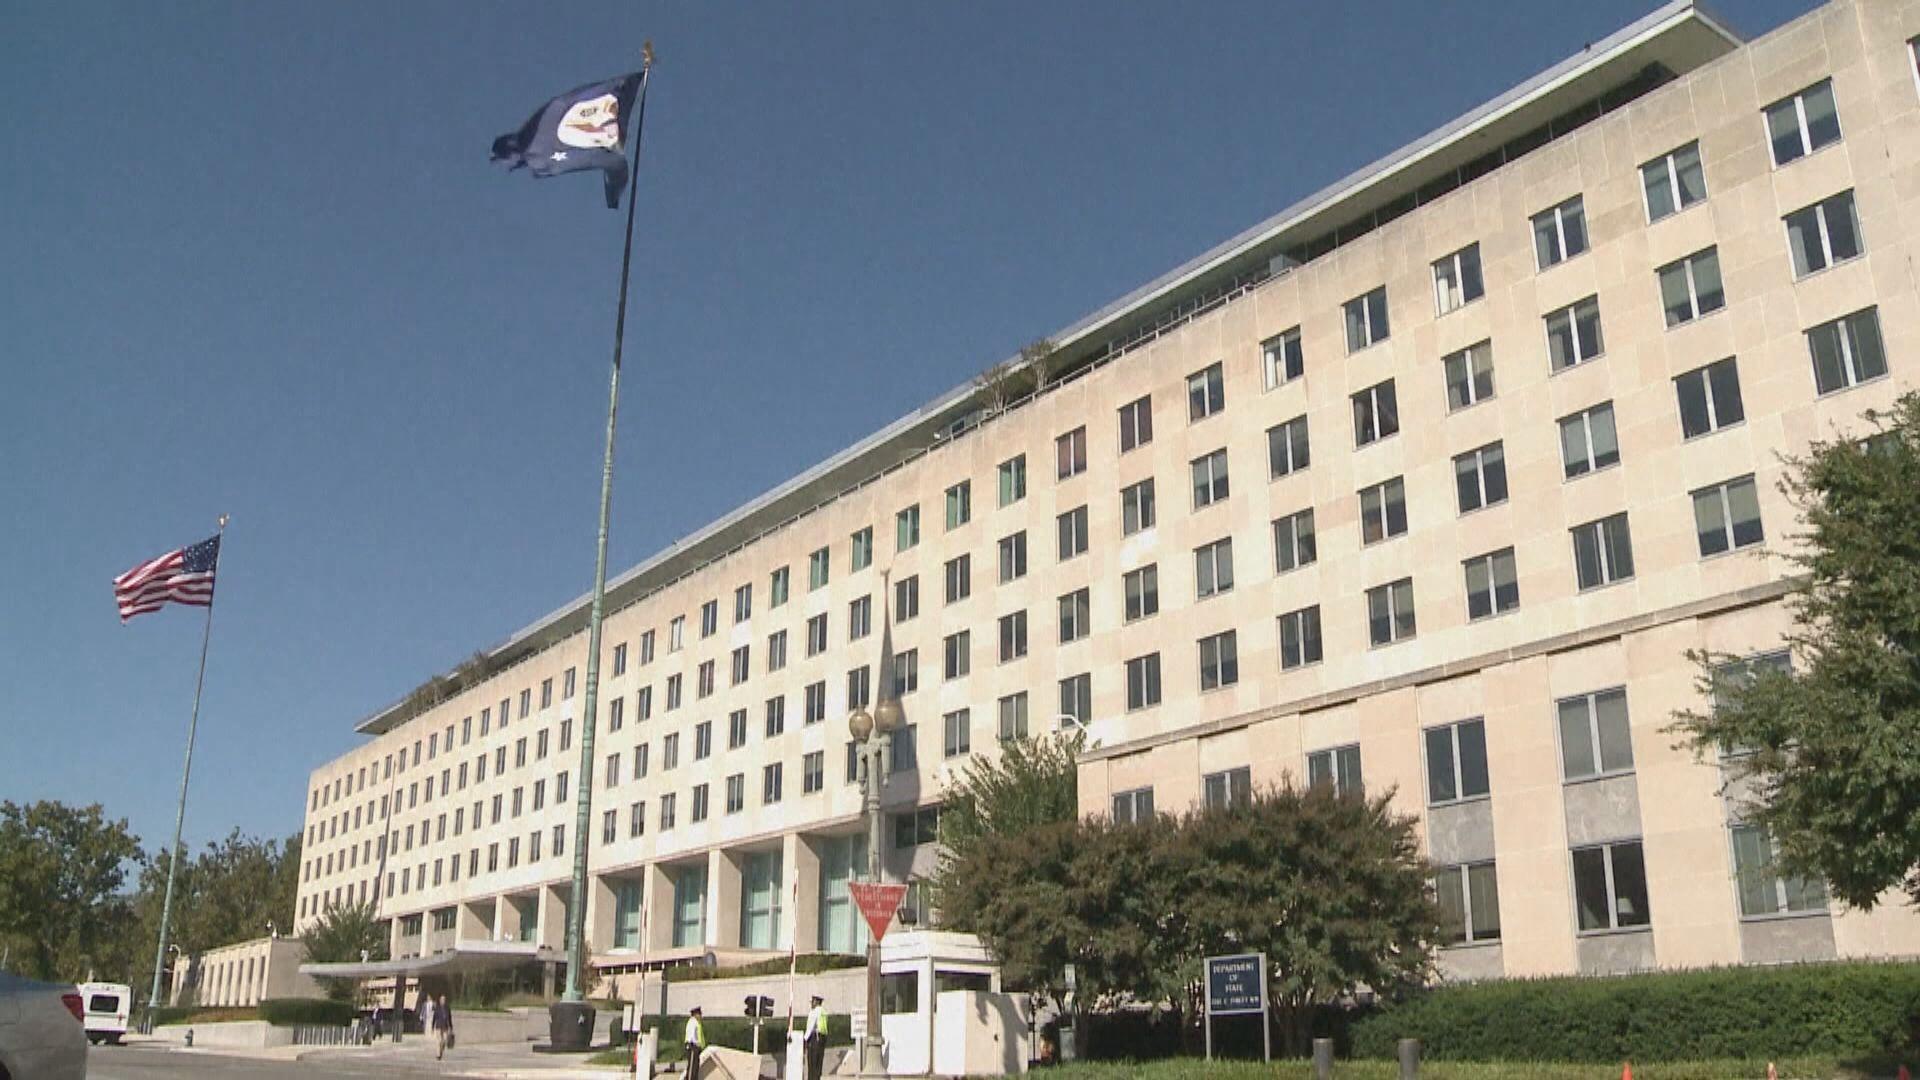 美國批評港府拘捕壹傳媒高層 認為指控基於政治動機